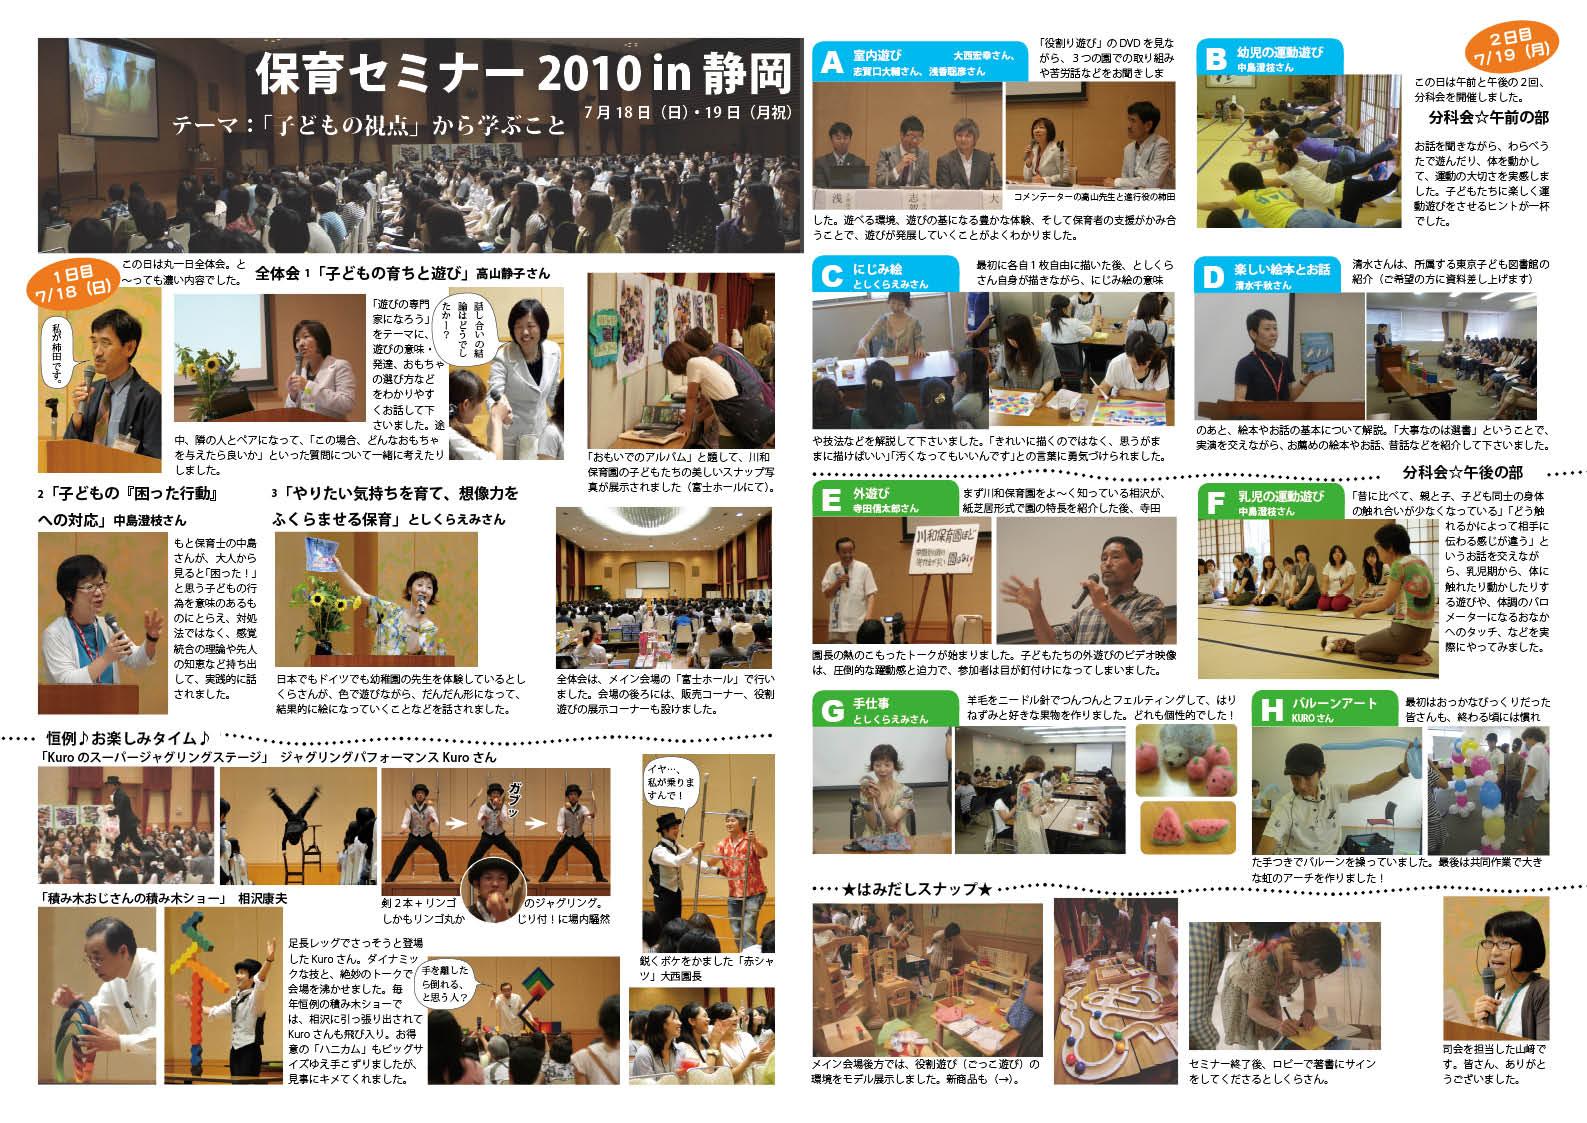 http://www.hyakuchomori.co.jp/hoiku/i/seminar20102.jpg